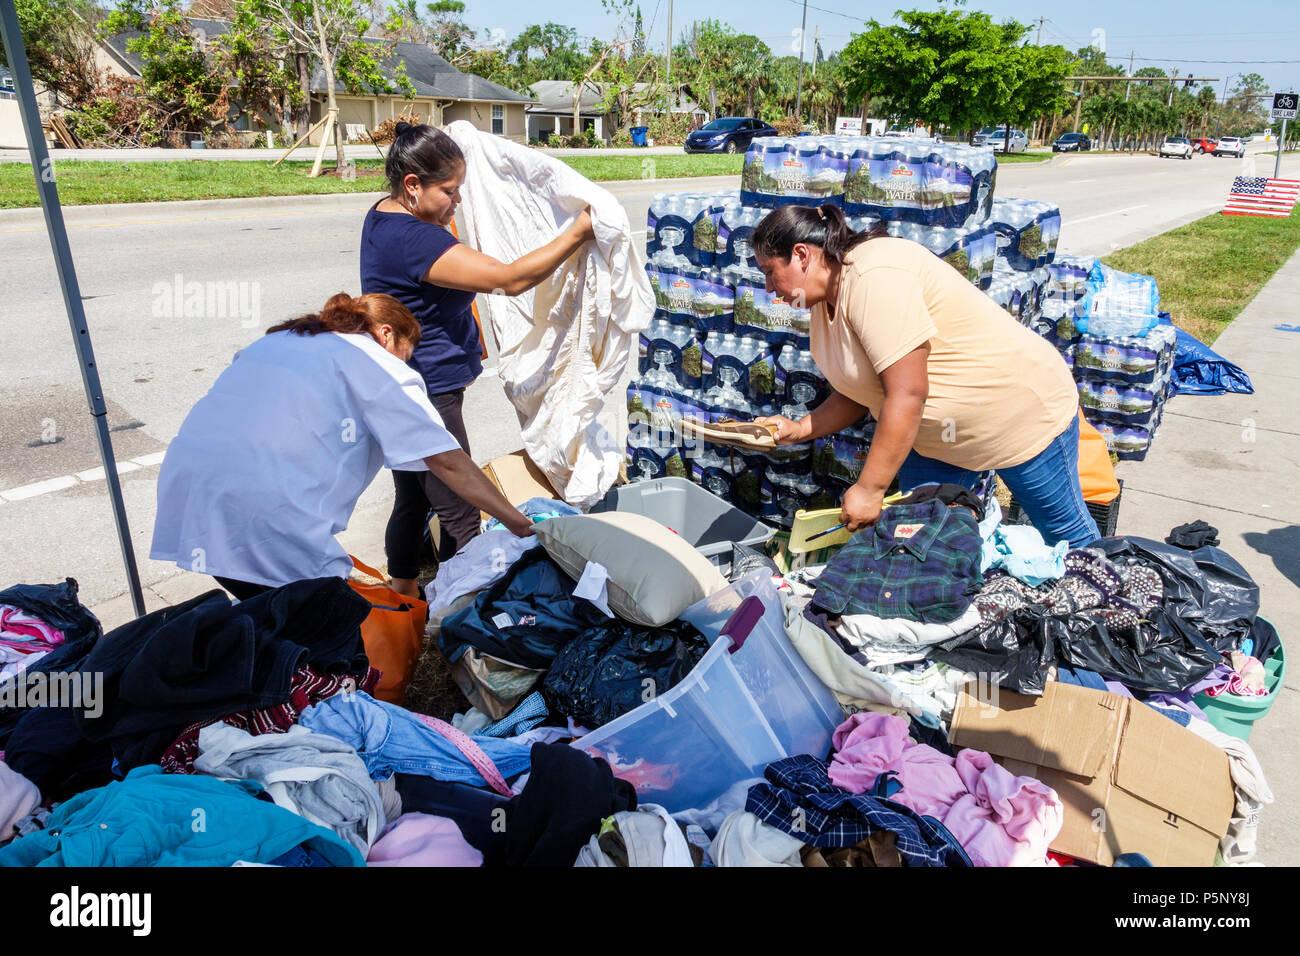 Bonita Springs, Florida nach dem Hurrikan Irma Sturmschäden Zerstörung Nachwirkungen Katastrophenhilfe spenden Verteilung site recovery point Hispanic wom Stockbild